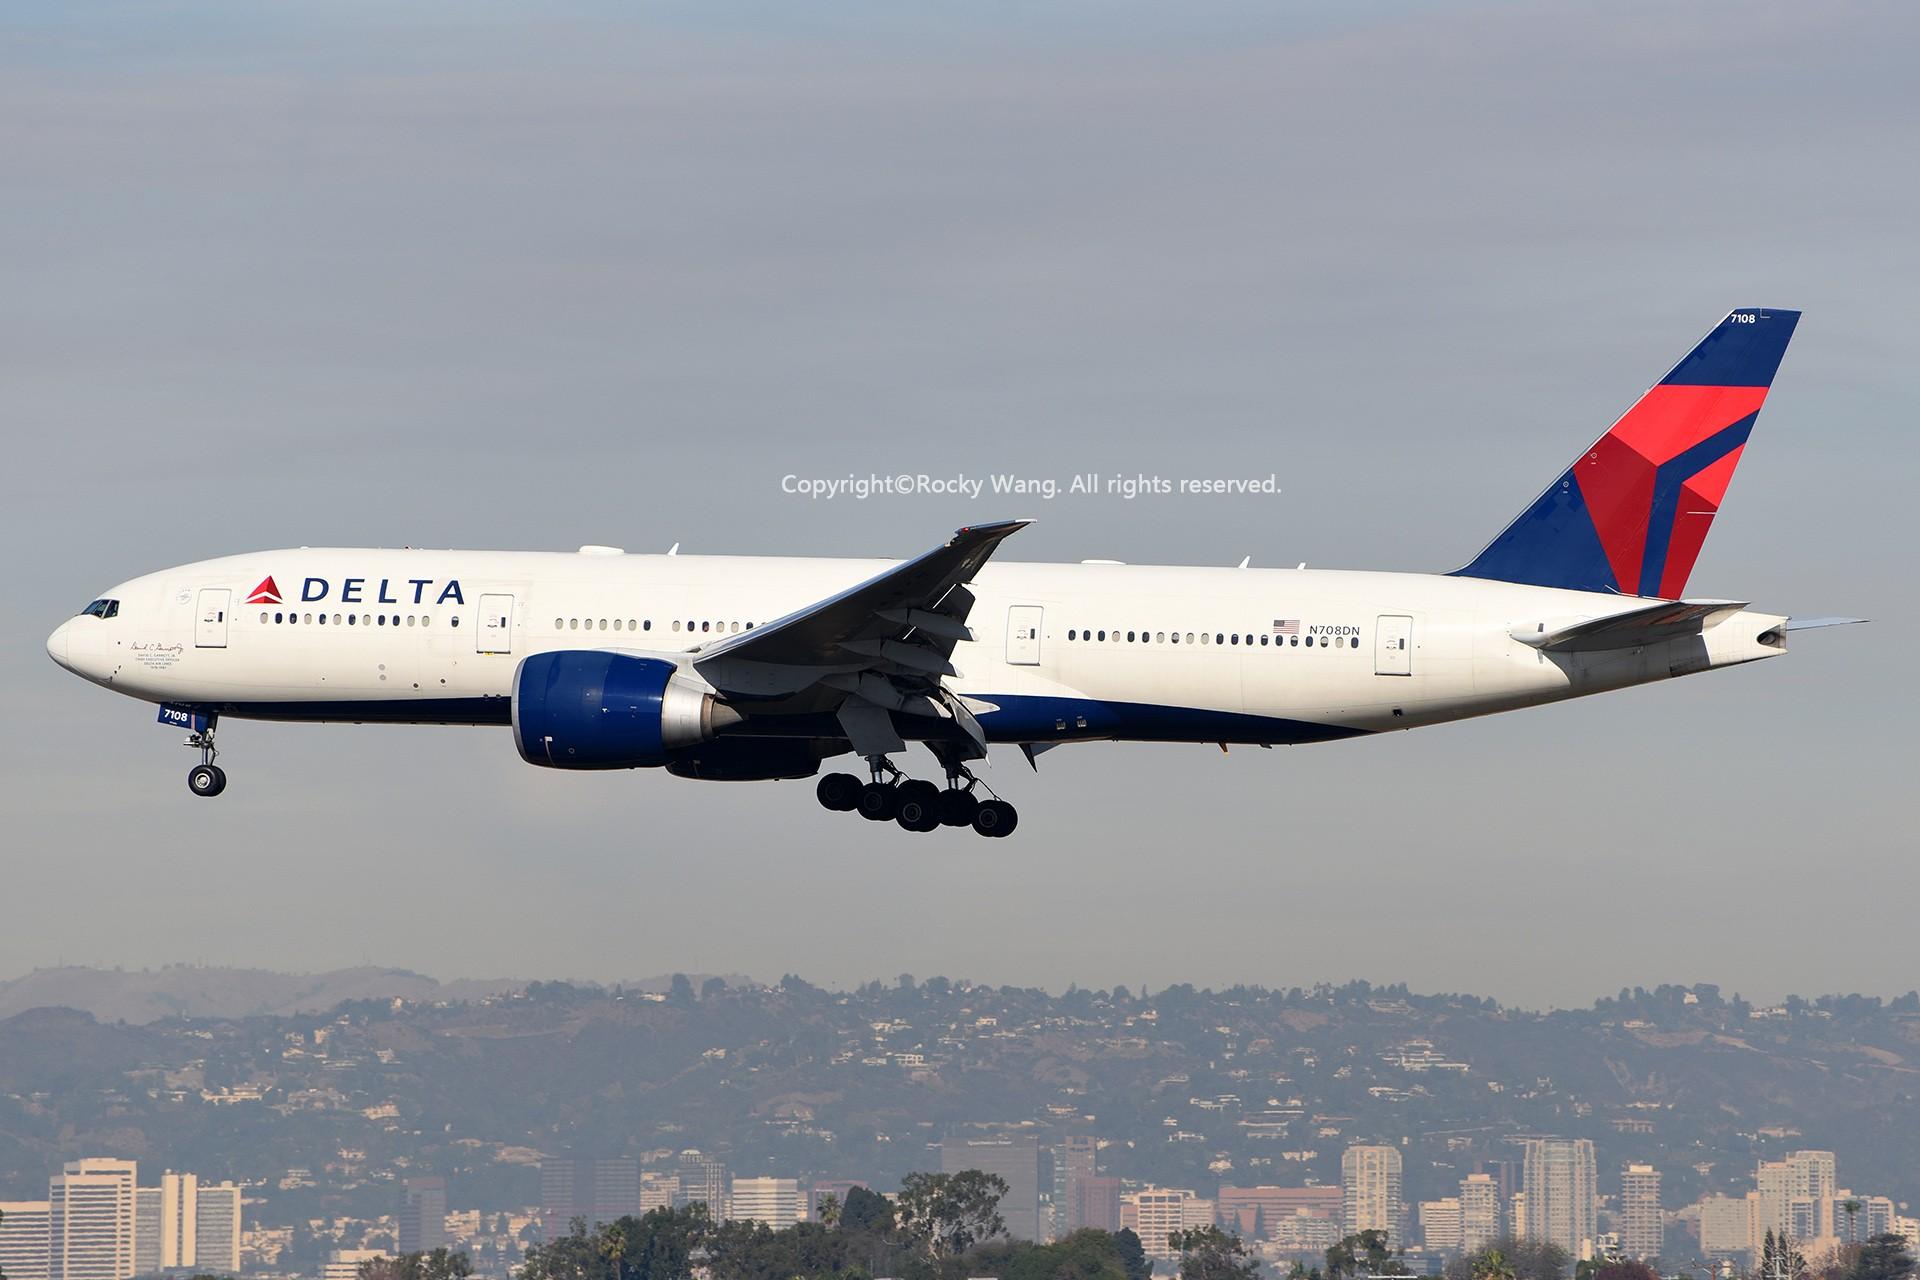 Re:[原创]KLAX 30图 BOEING 777-232LR N708DN Los Angeles Int'l Airport